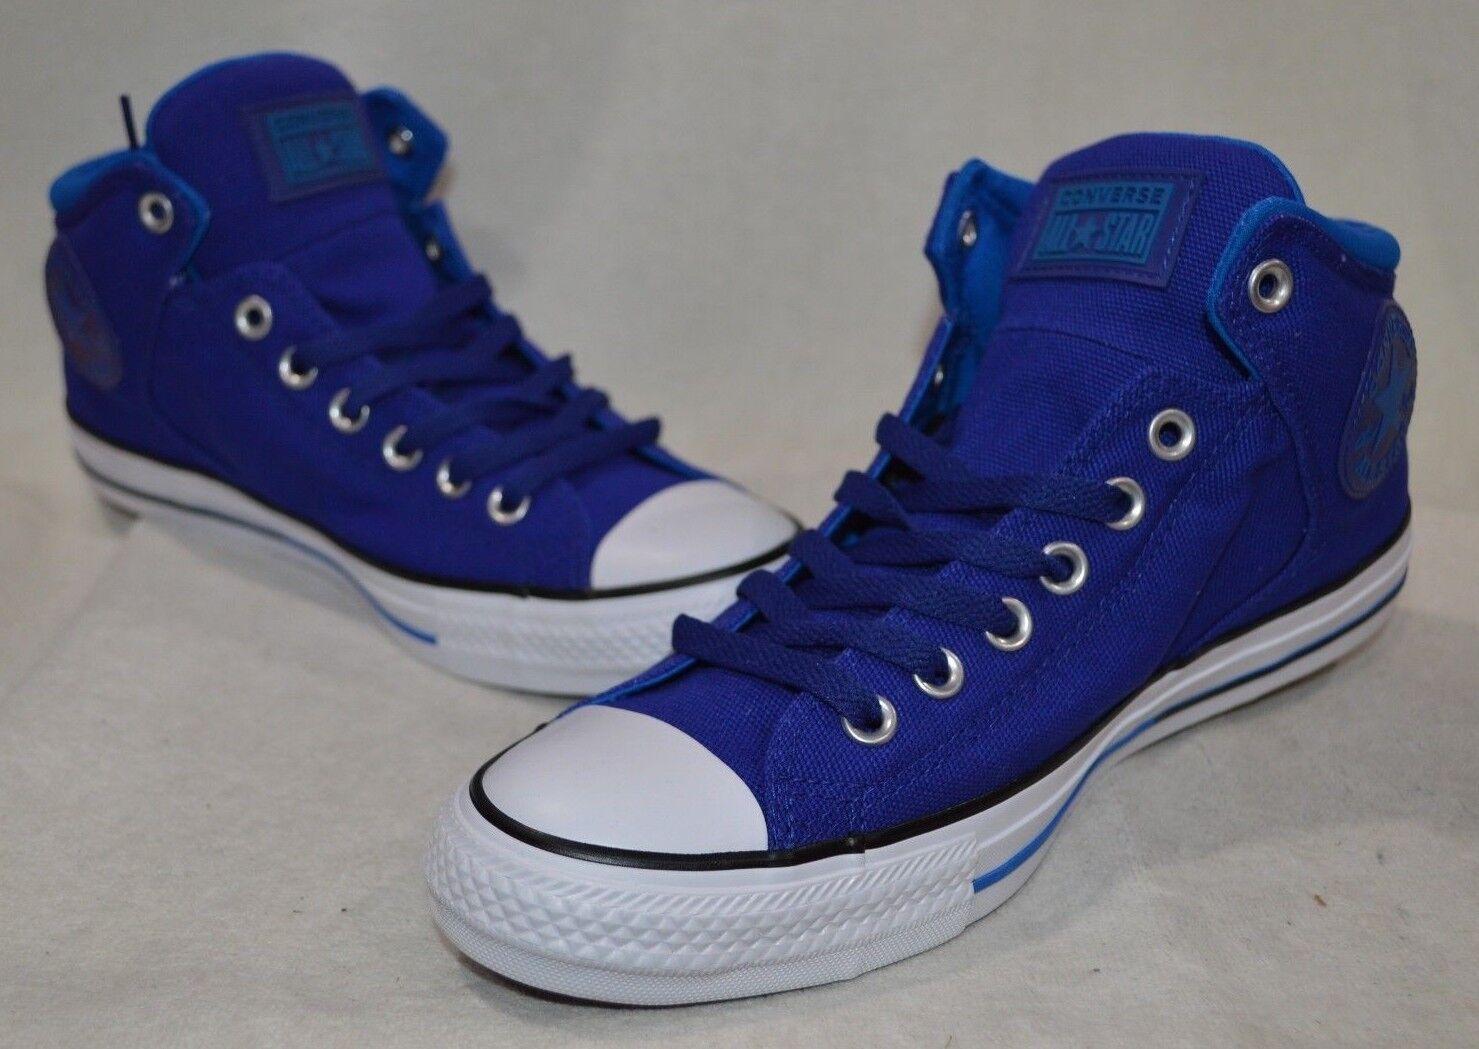 Converse CT 8/9/10 como High Street Hombre True Indigo/Soar Zapatos-Tallas 8/9/10 CT nuevas con caja 155468C ce9fcb